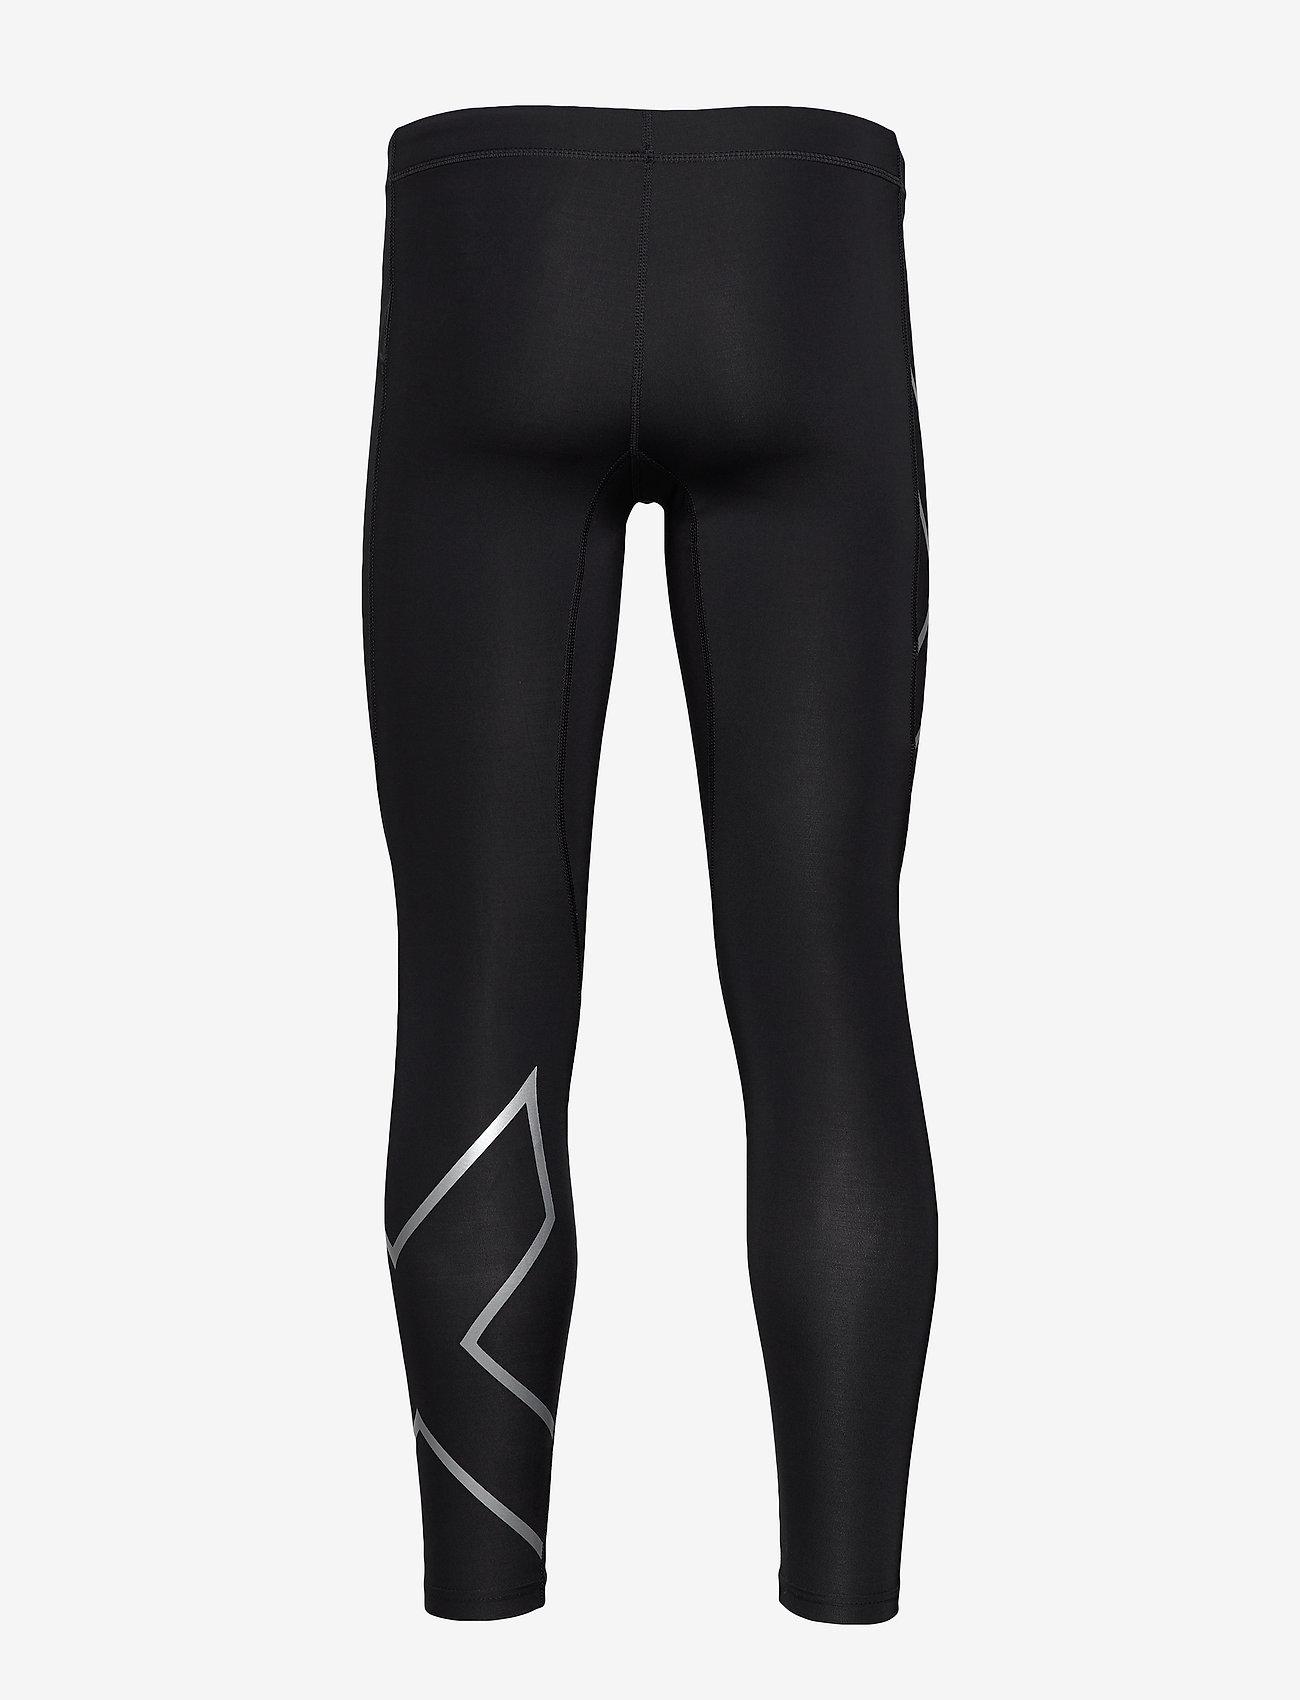 2XU - CORE COMPRESSION TIGHTS - løbe- og træningstights - black/silver - 1